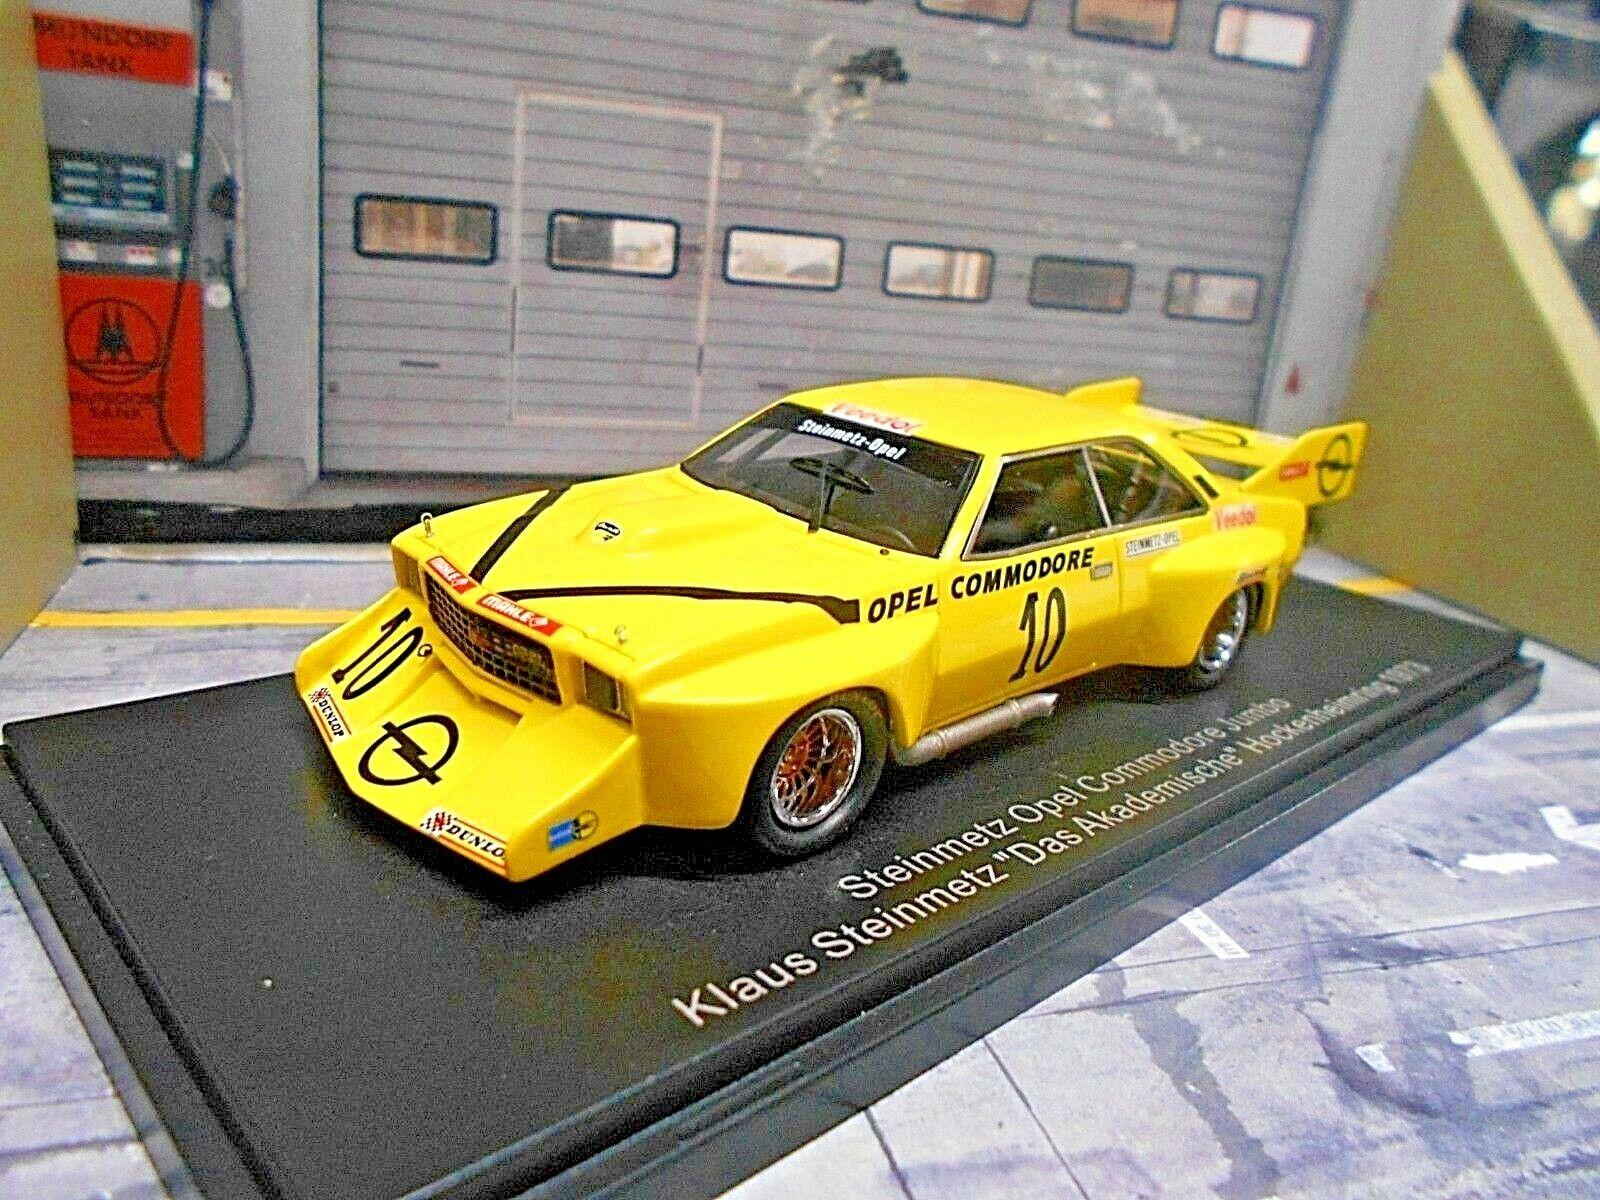 tienda de bajo costo Opel Commodore B cantero    jumbo   10 hockenheim 1973 académico DRM neo 1 43  seguro de calidad